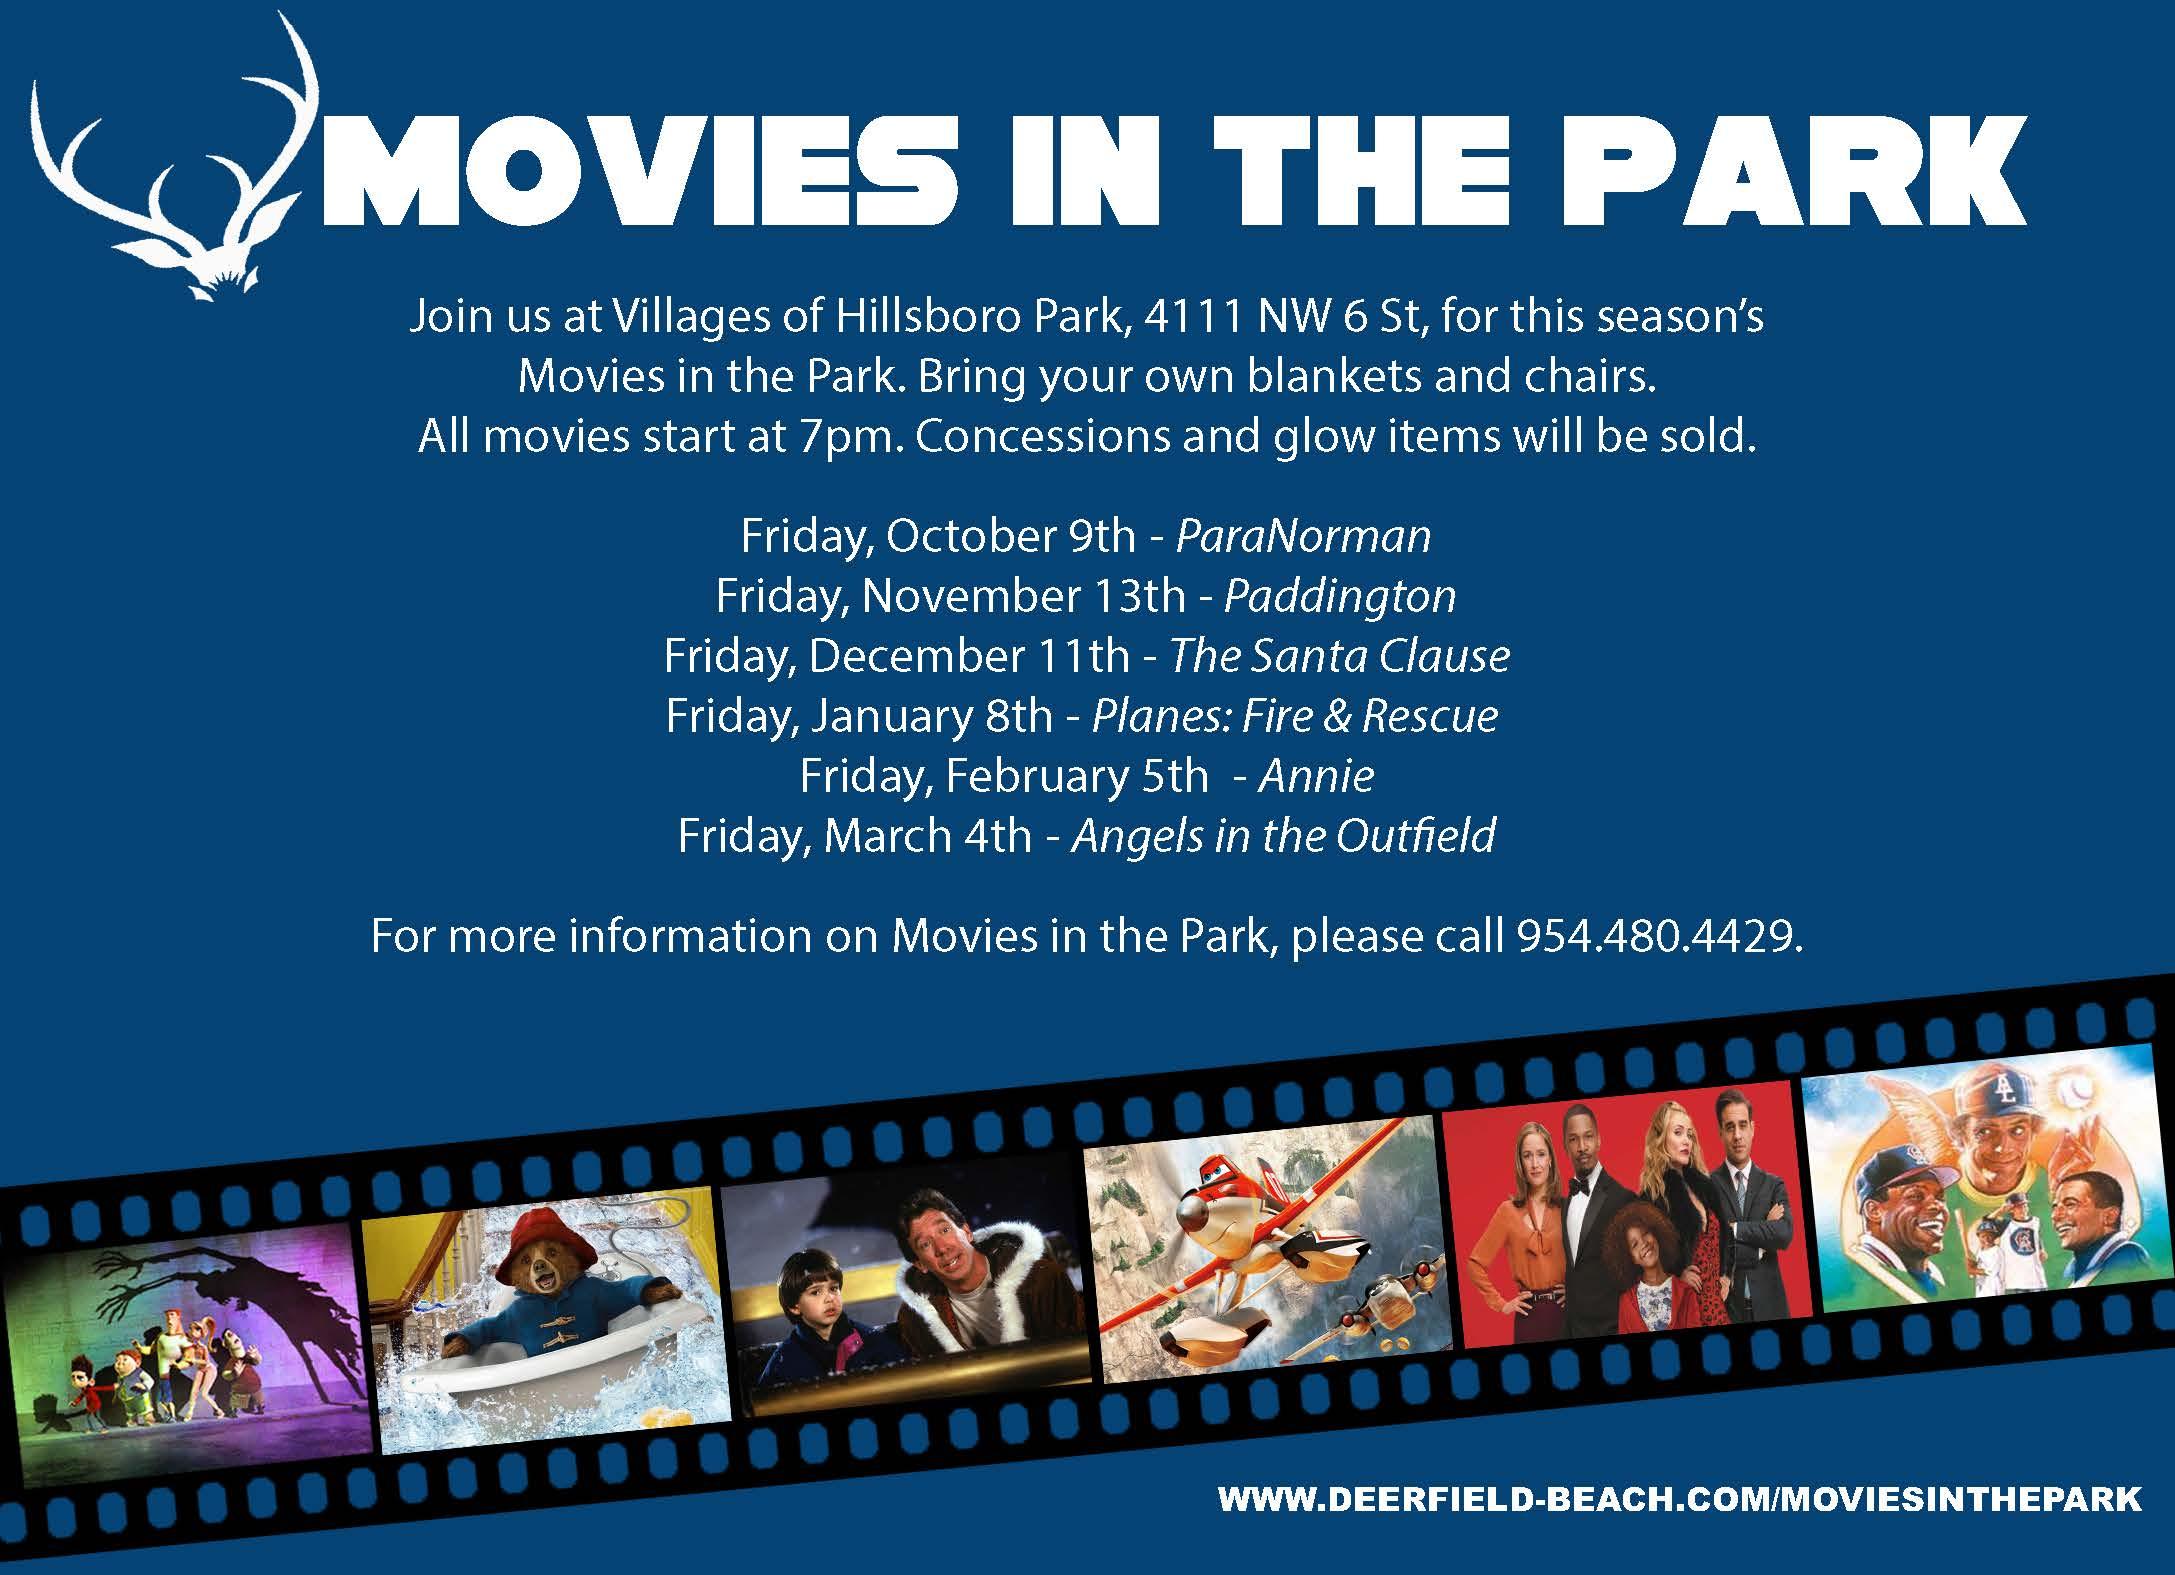 Deerfield Beach Movies In The Park